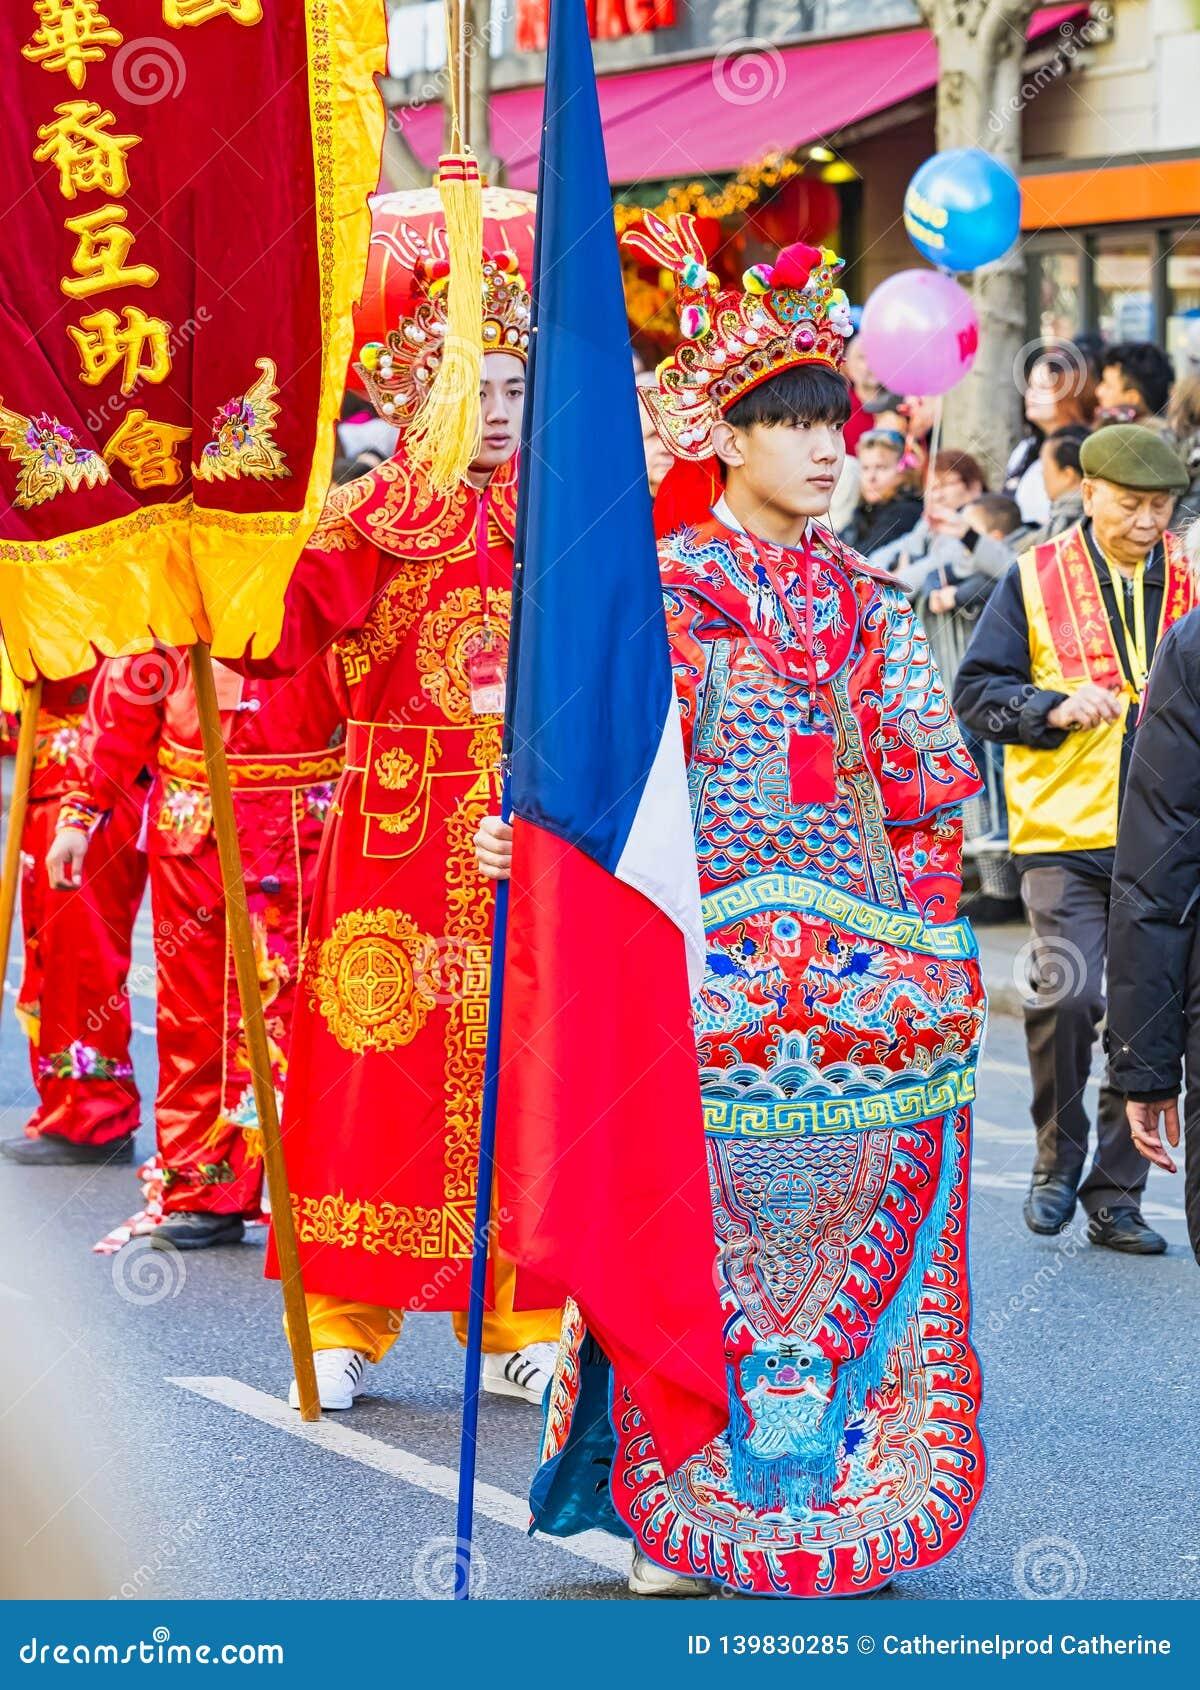 Las celebraciones chinas del Año Nuevo desfilan en París